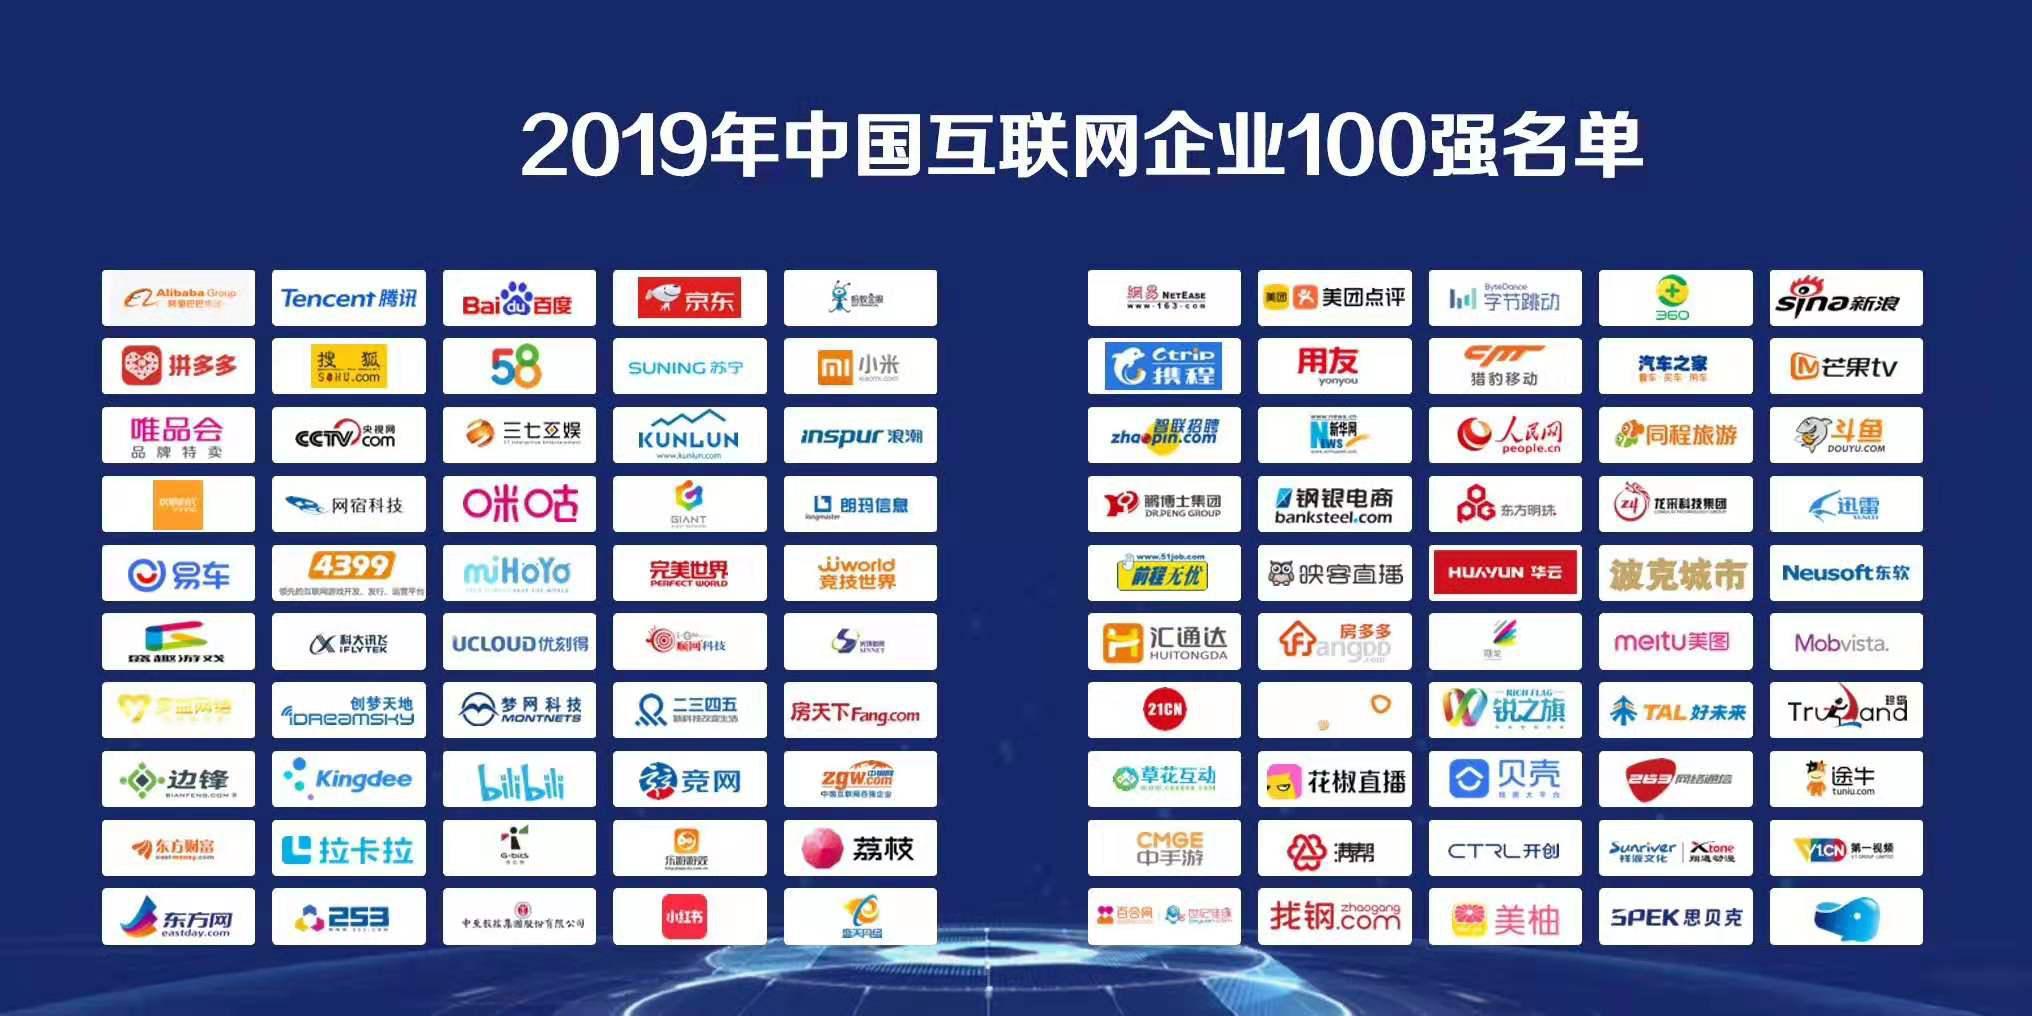 2019排行榜_鲁大师年中报告全景分析,各品牌请对号入座